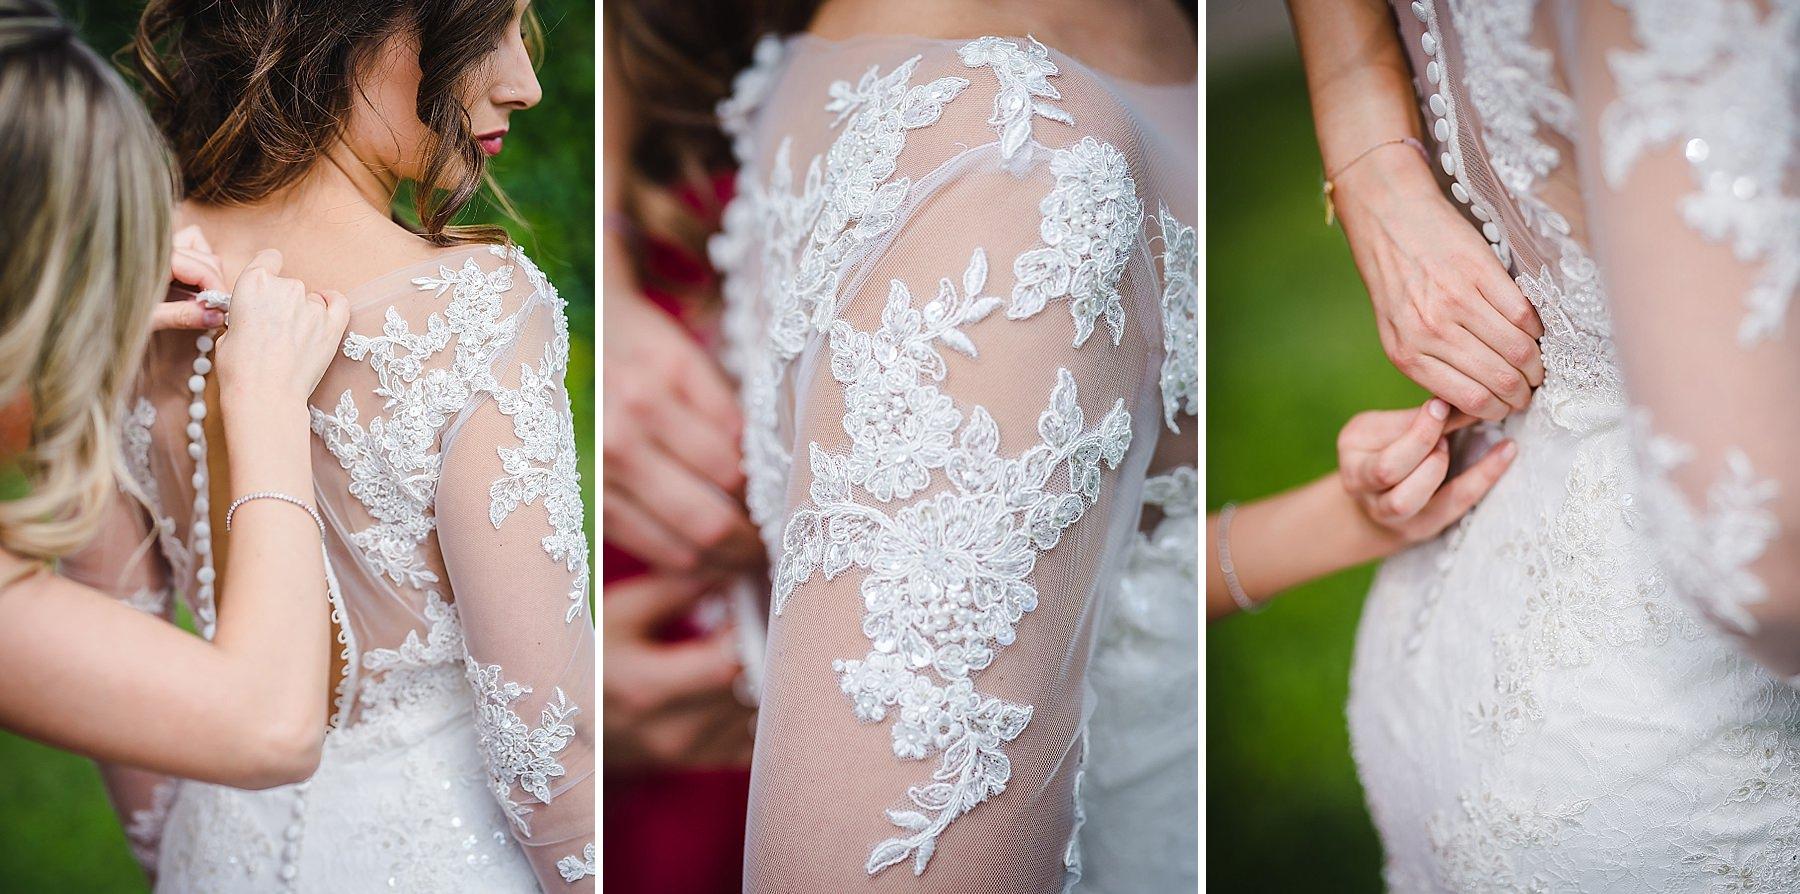 dettagli della sposa mentre indossa l'abito